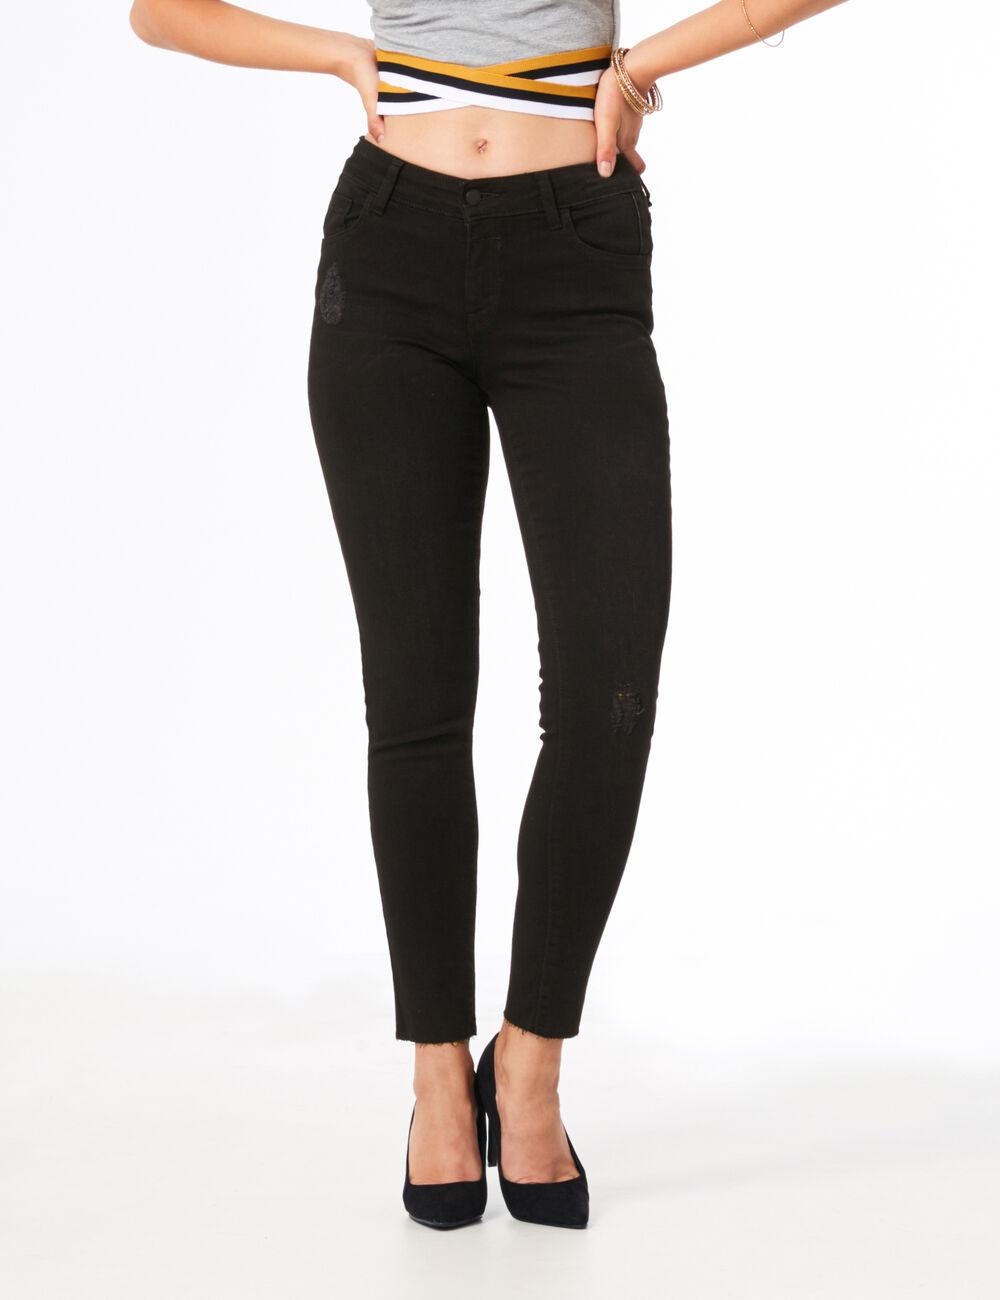 guide des tailles jeans femme